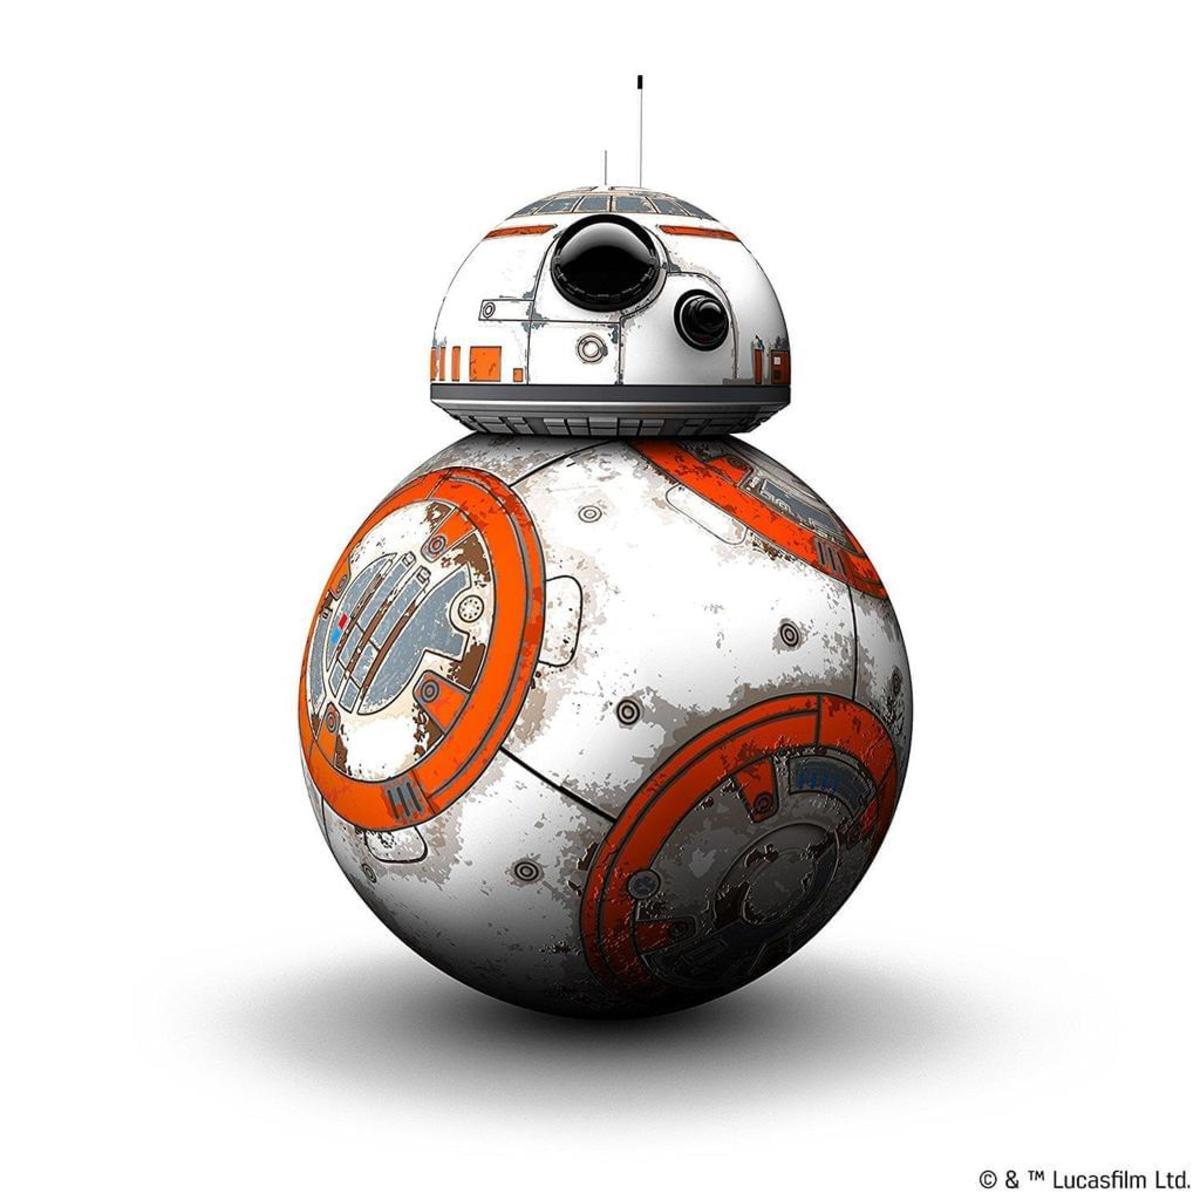 Bild 4 von Sphero Star Wars Roboter App Gesteuerter BB-8 Droid mit Force Band